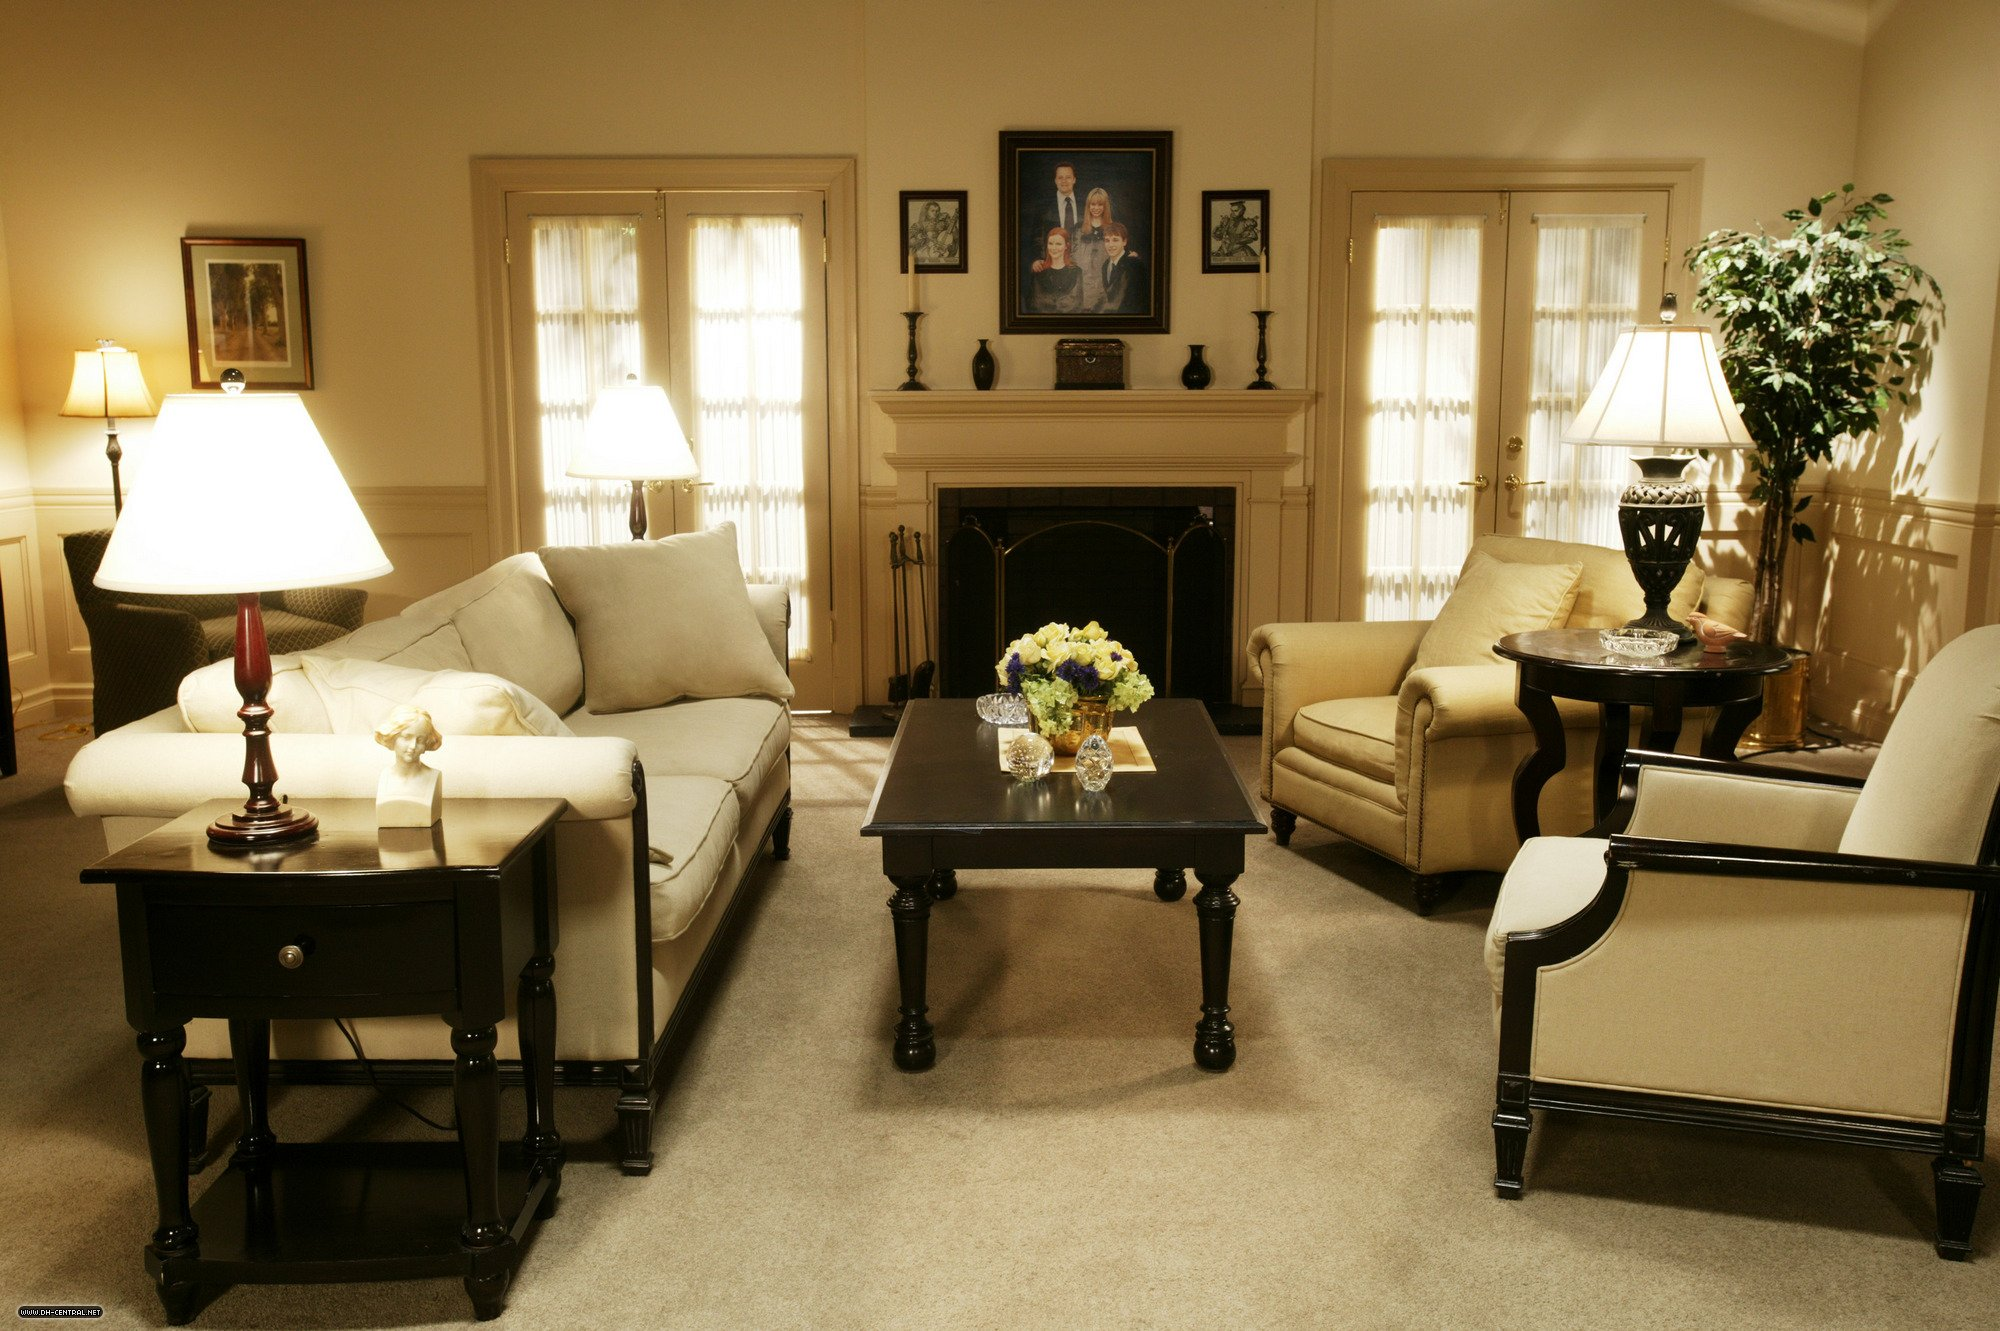 5 gestes pour garder un int rieur rang au minimum simplement organis e. Black Bedroom Furniture Sets. Home Design Ideas